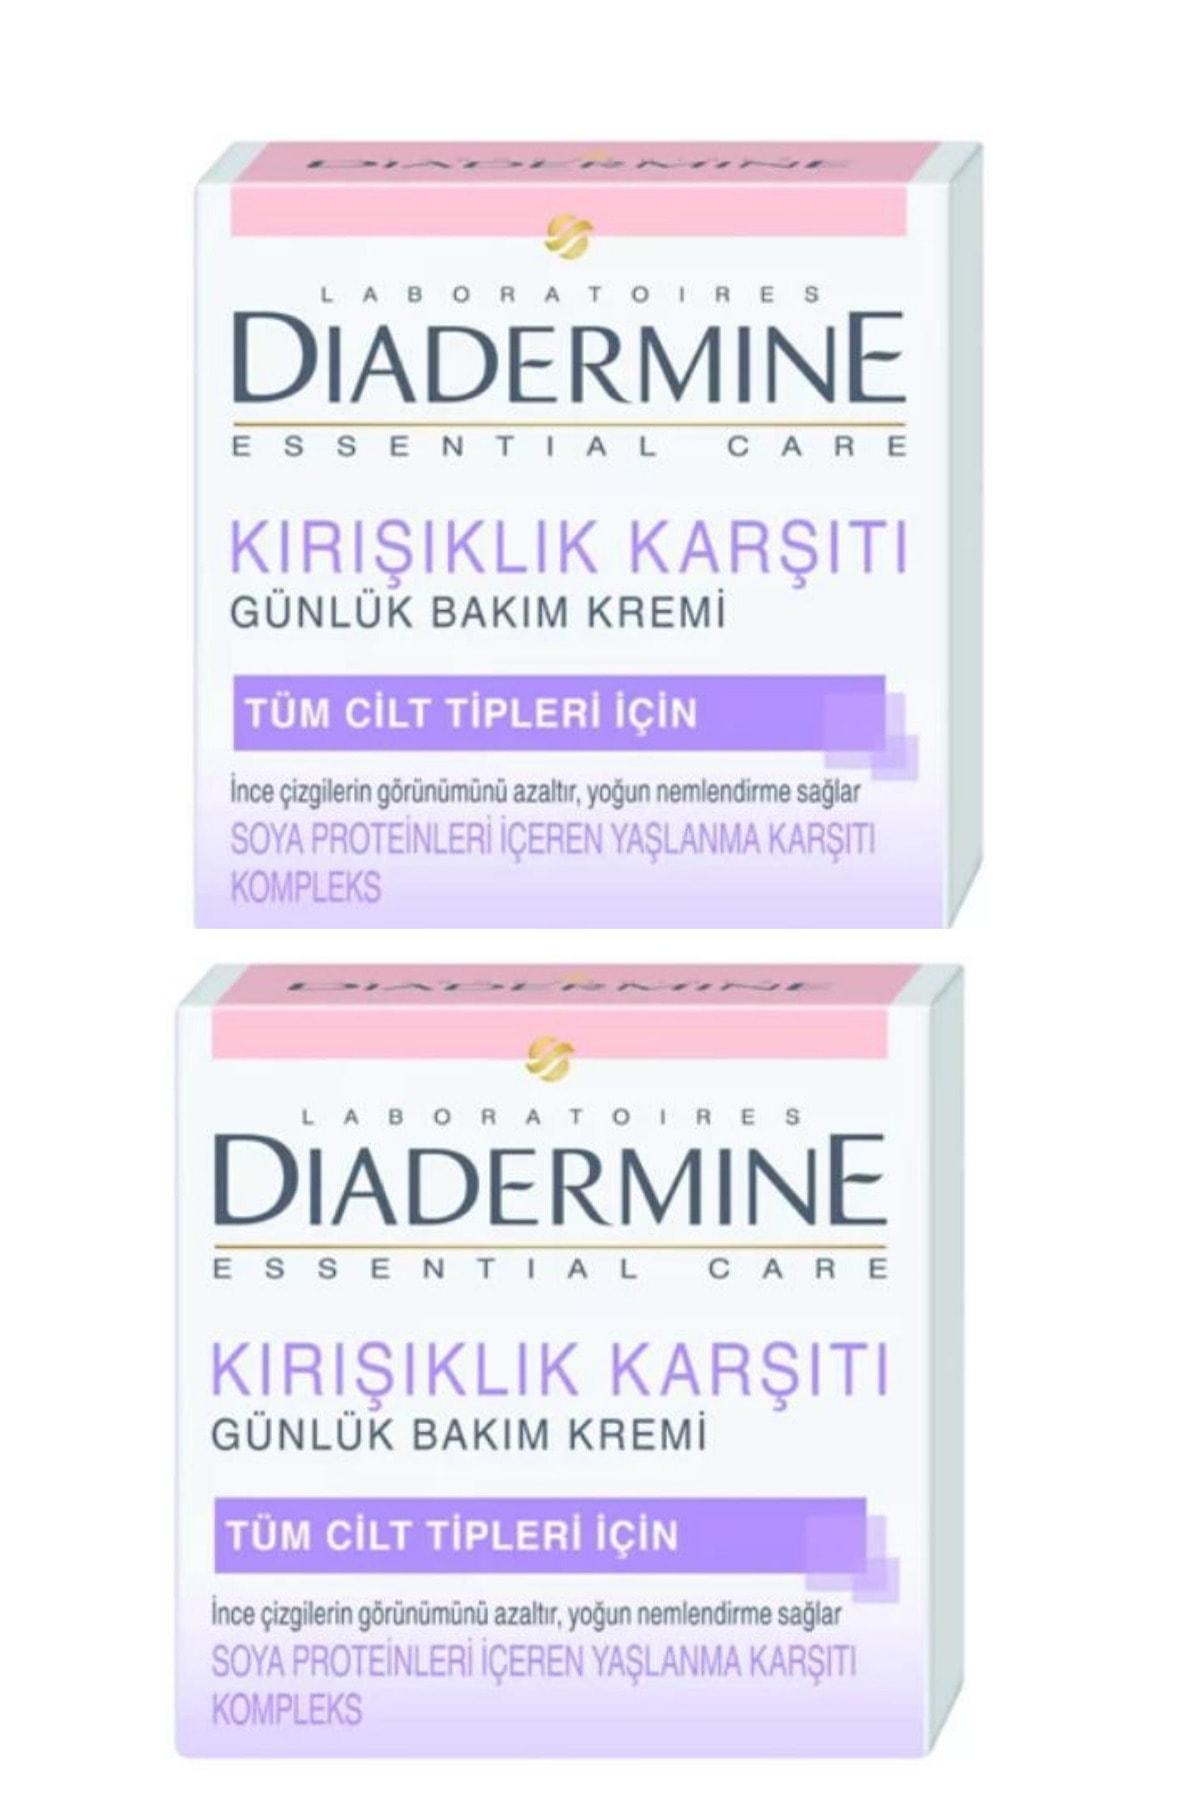 Diadermine Kırışıklık Karşıtı Bakım Kremi 50 ml X 2 Adet Antiaging Cilt Yenileyici Krem 1